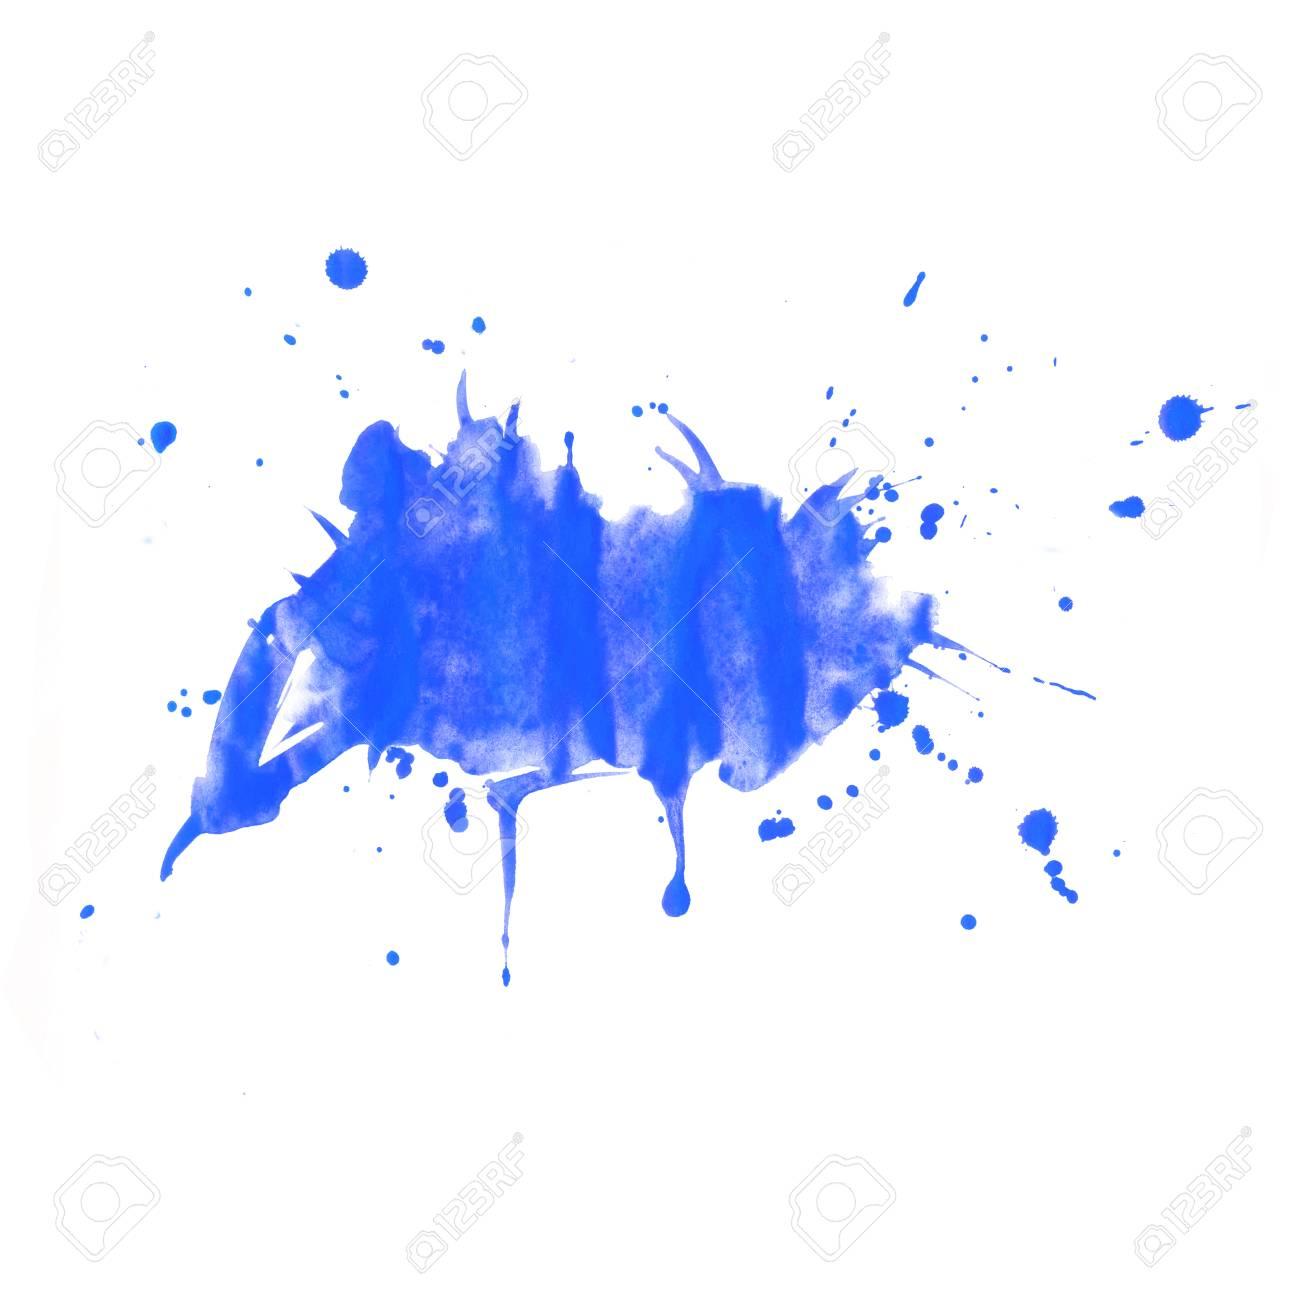 Immagini Stock Priorità Bassa Dellacquerello Schizzi Blu E